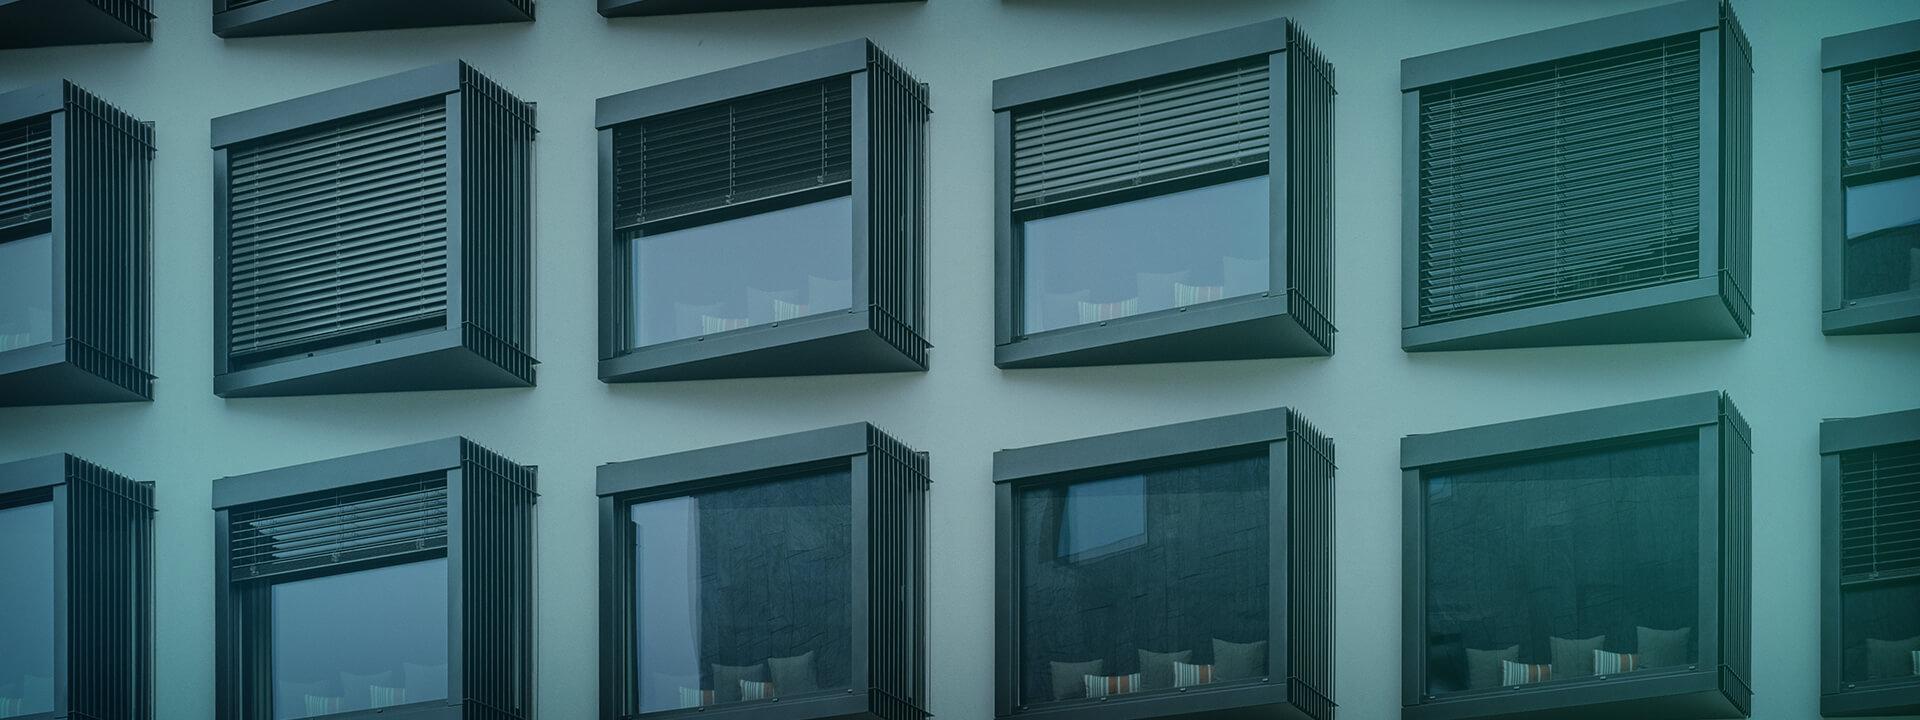 Naprawa okien w Łodzi - Leonarczyk